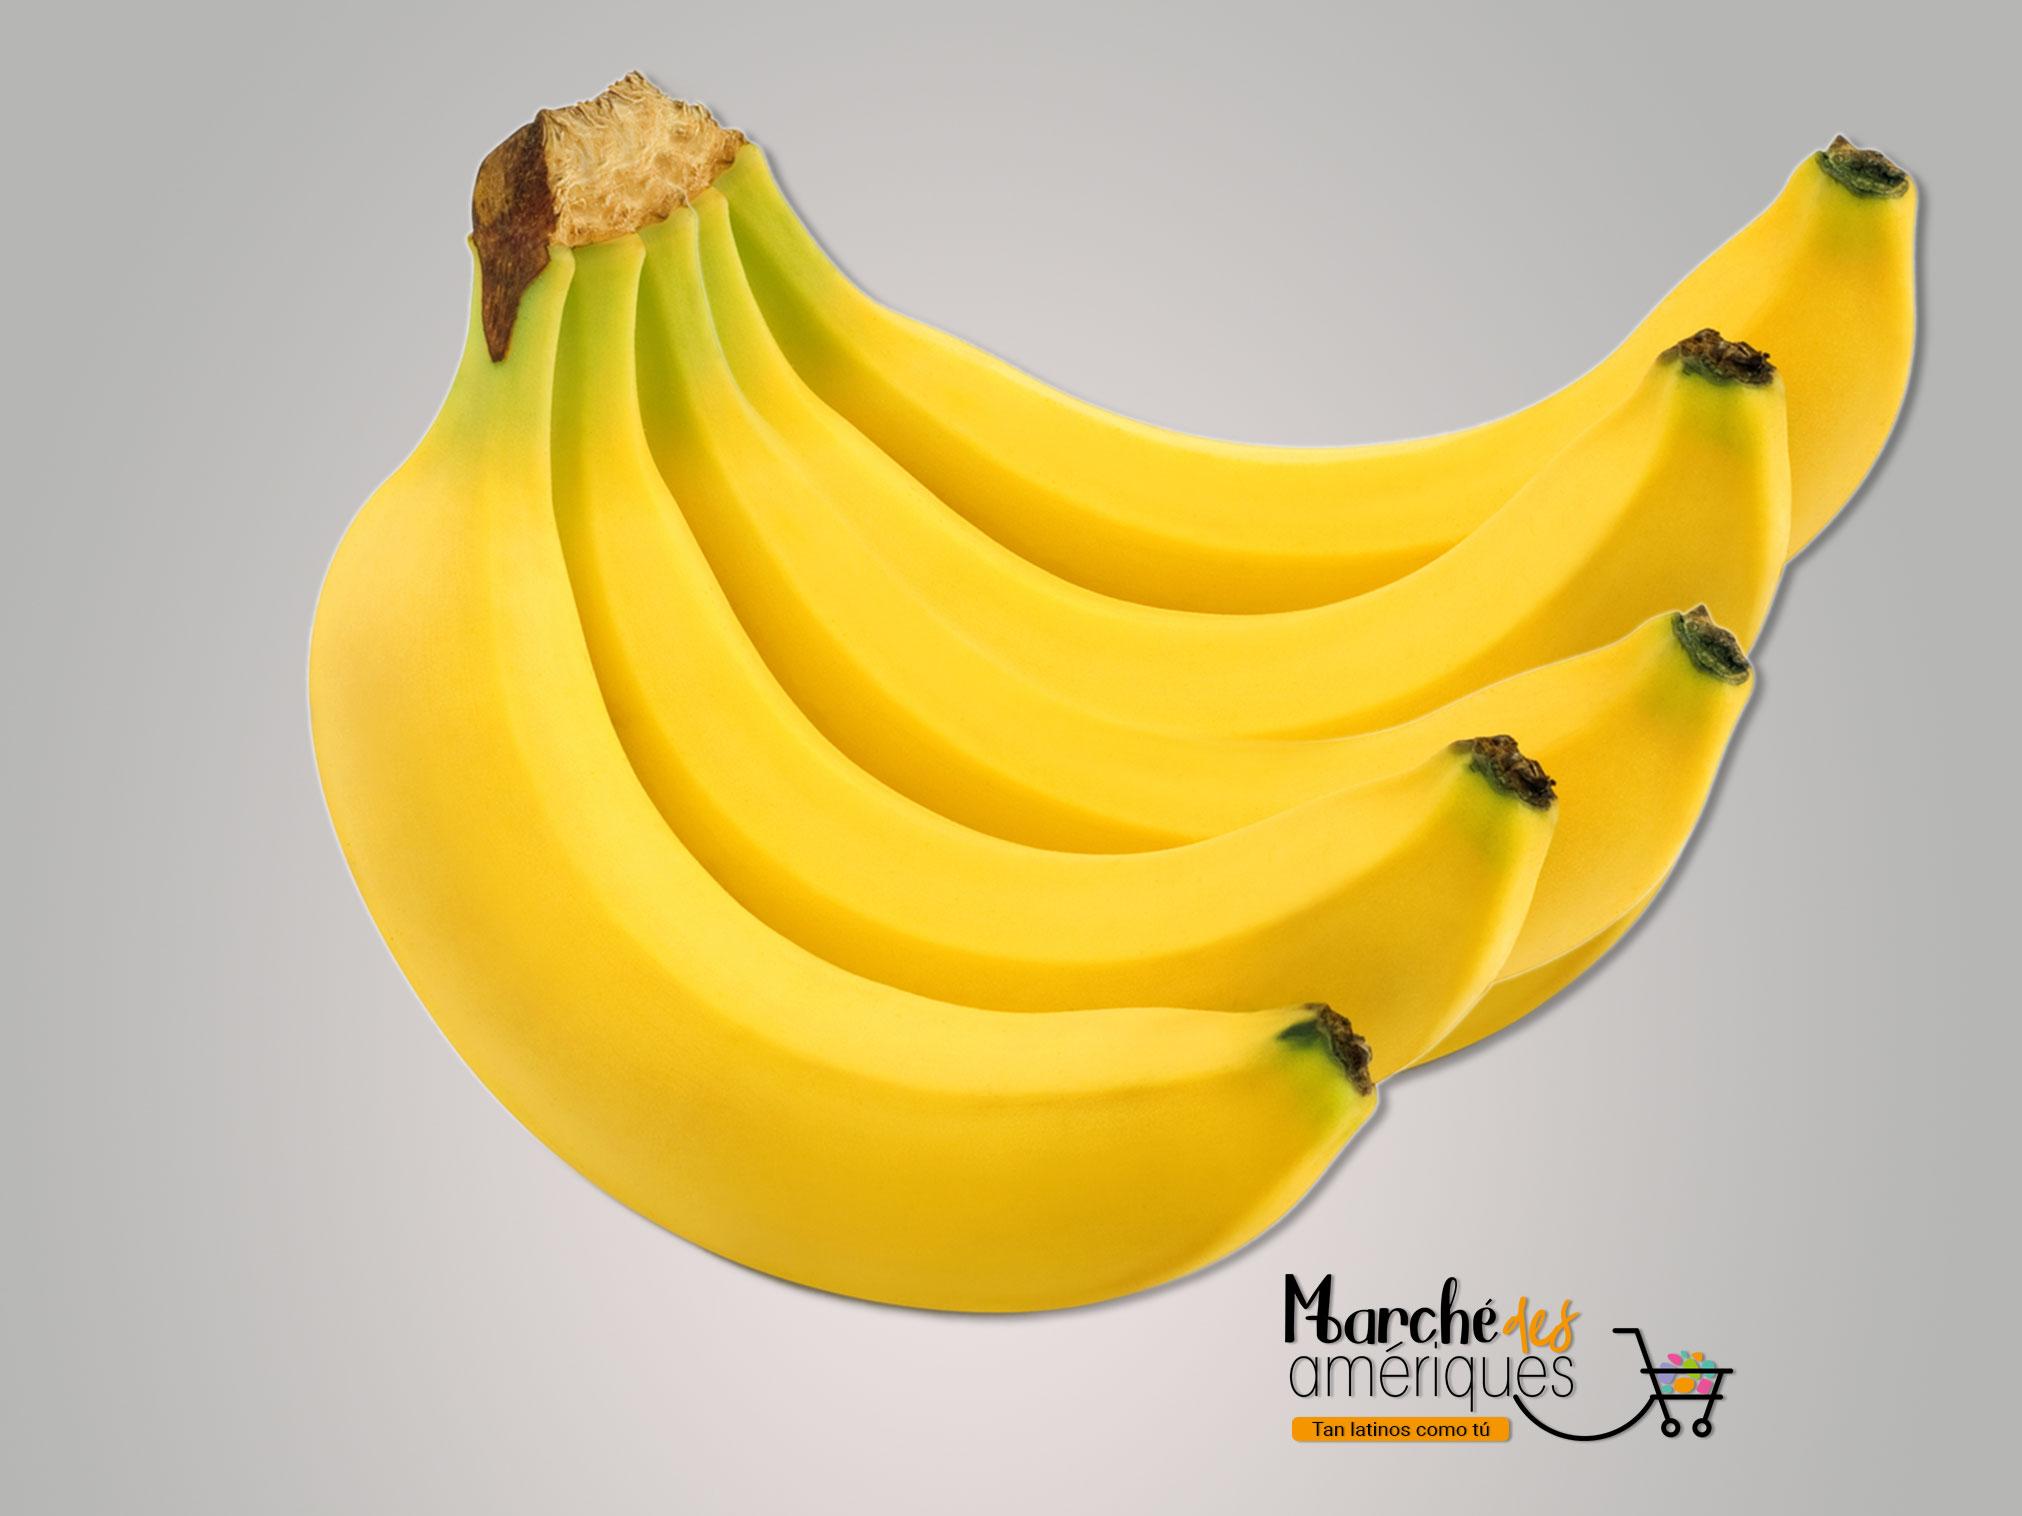 Bananos - Marché des Amériques - Código de Barras